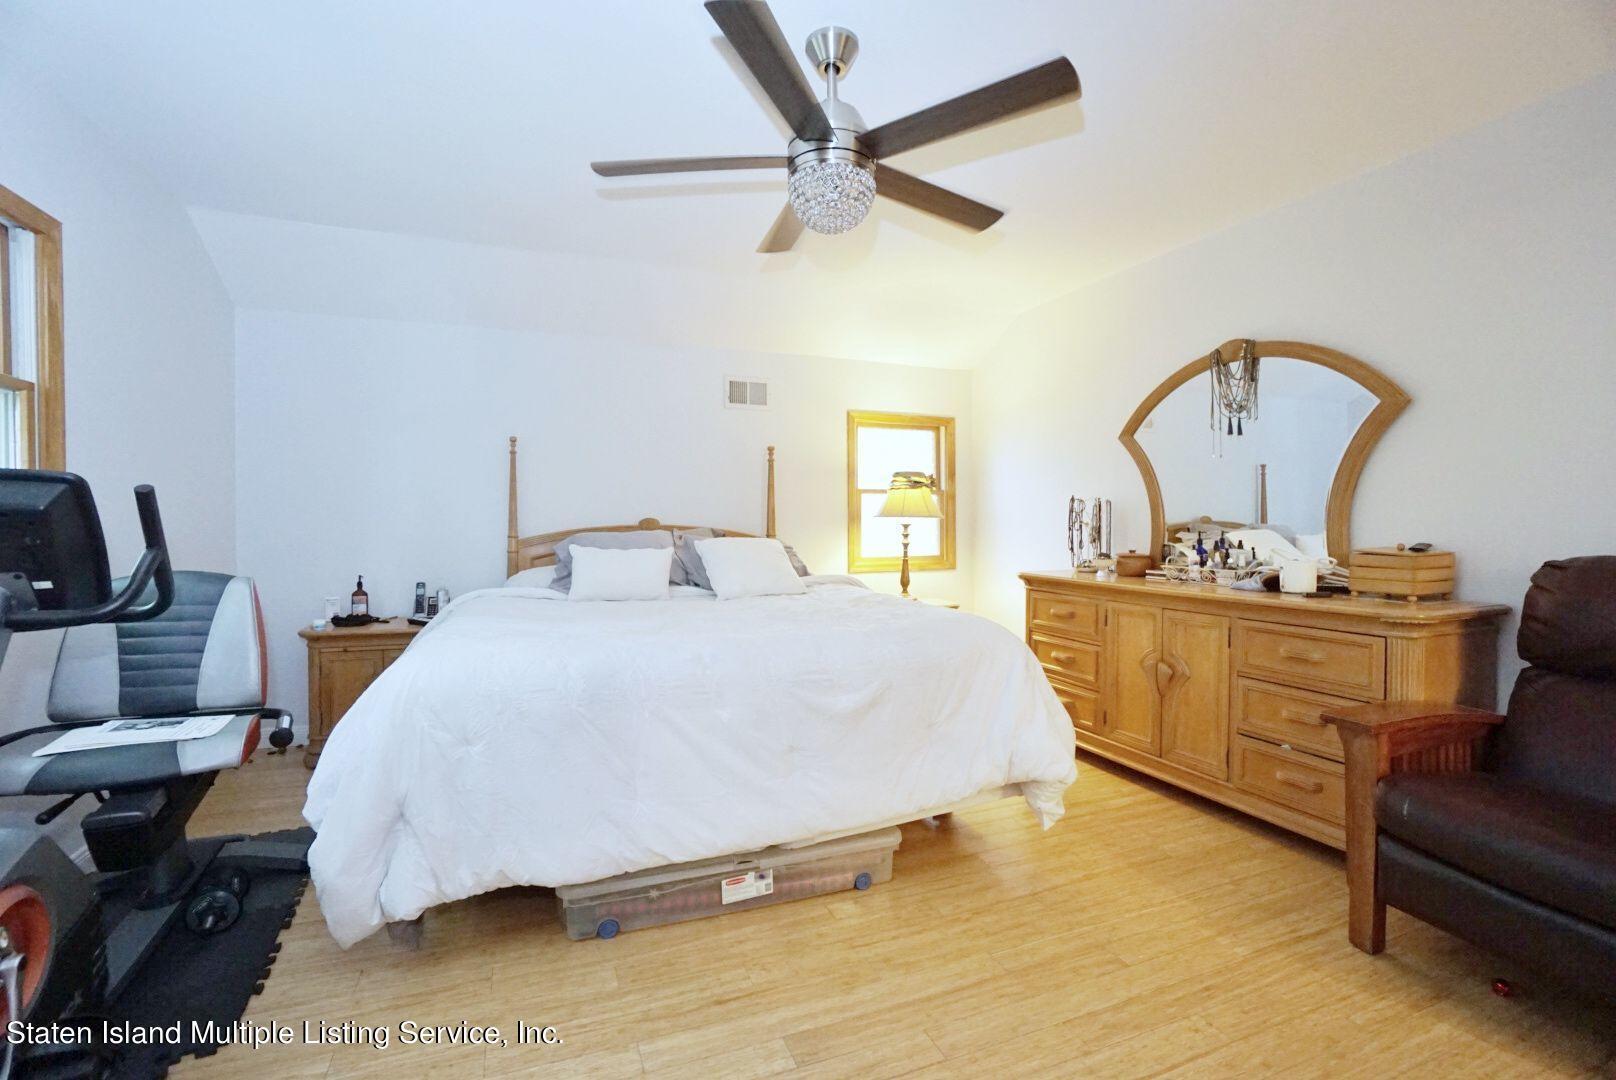 Single Family - Detached 311 Sharrott Avenue  Staten Island, NY 10309, MLS-1146042-39